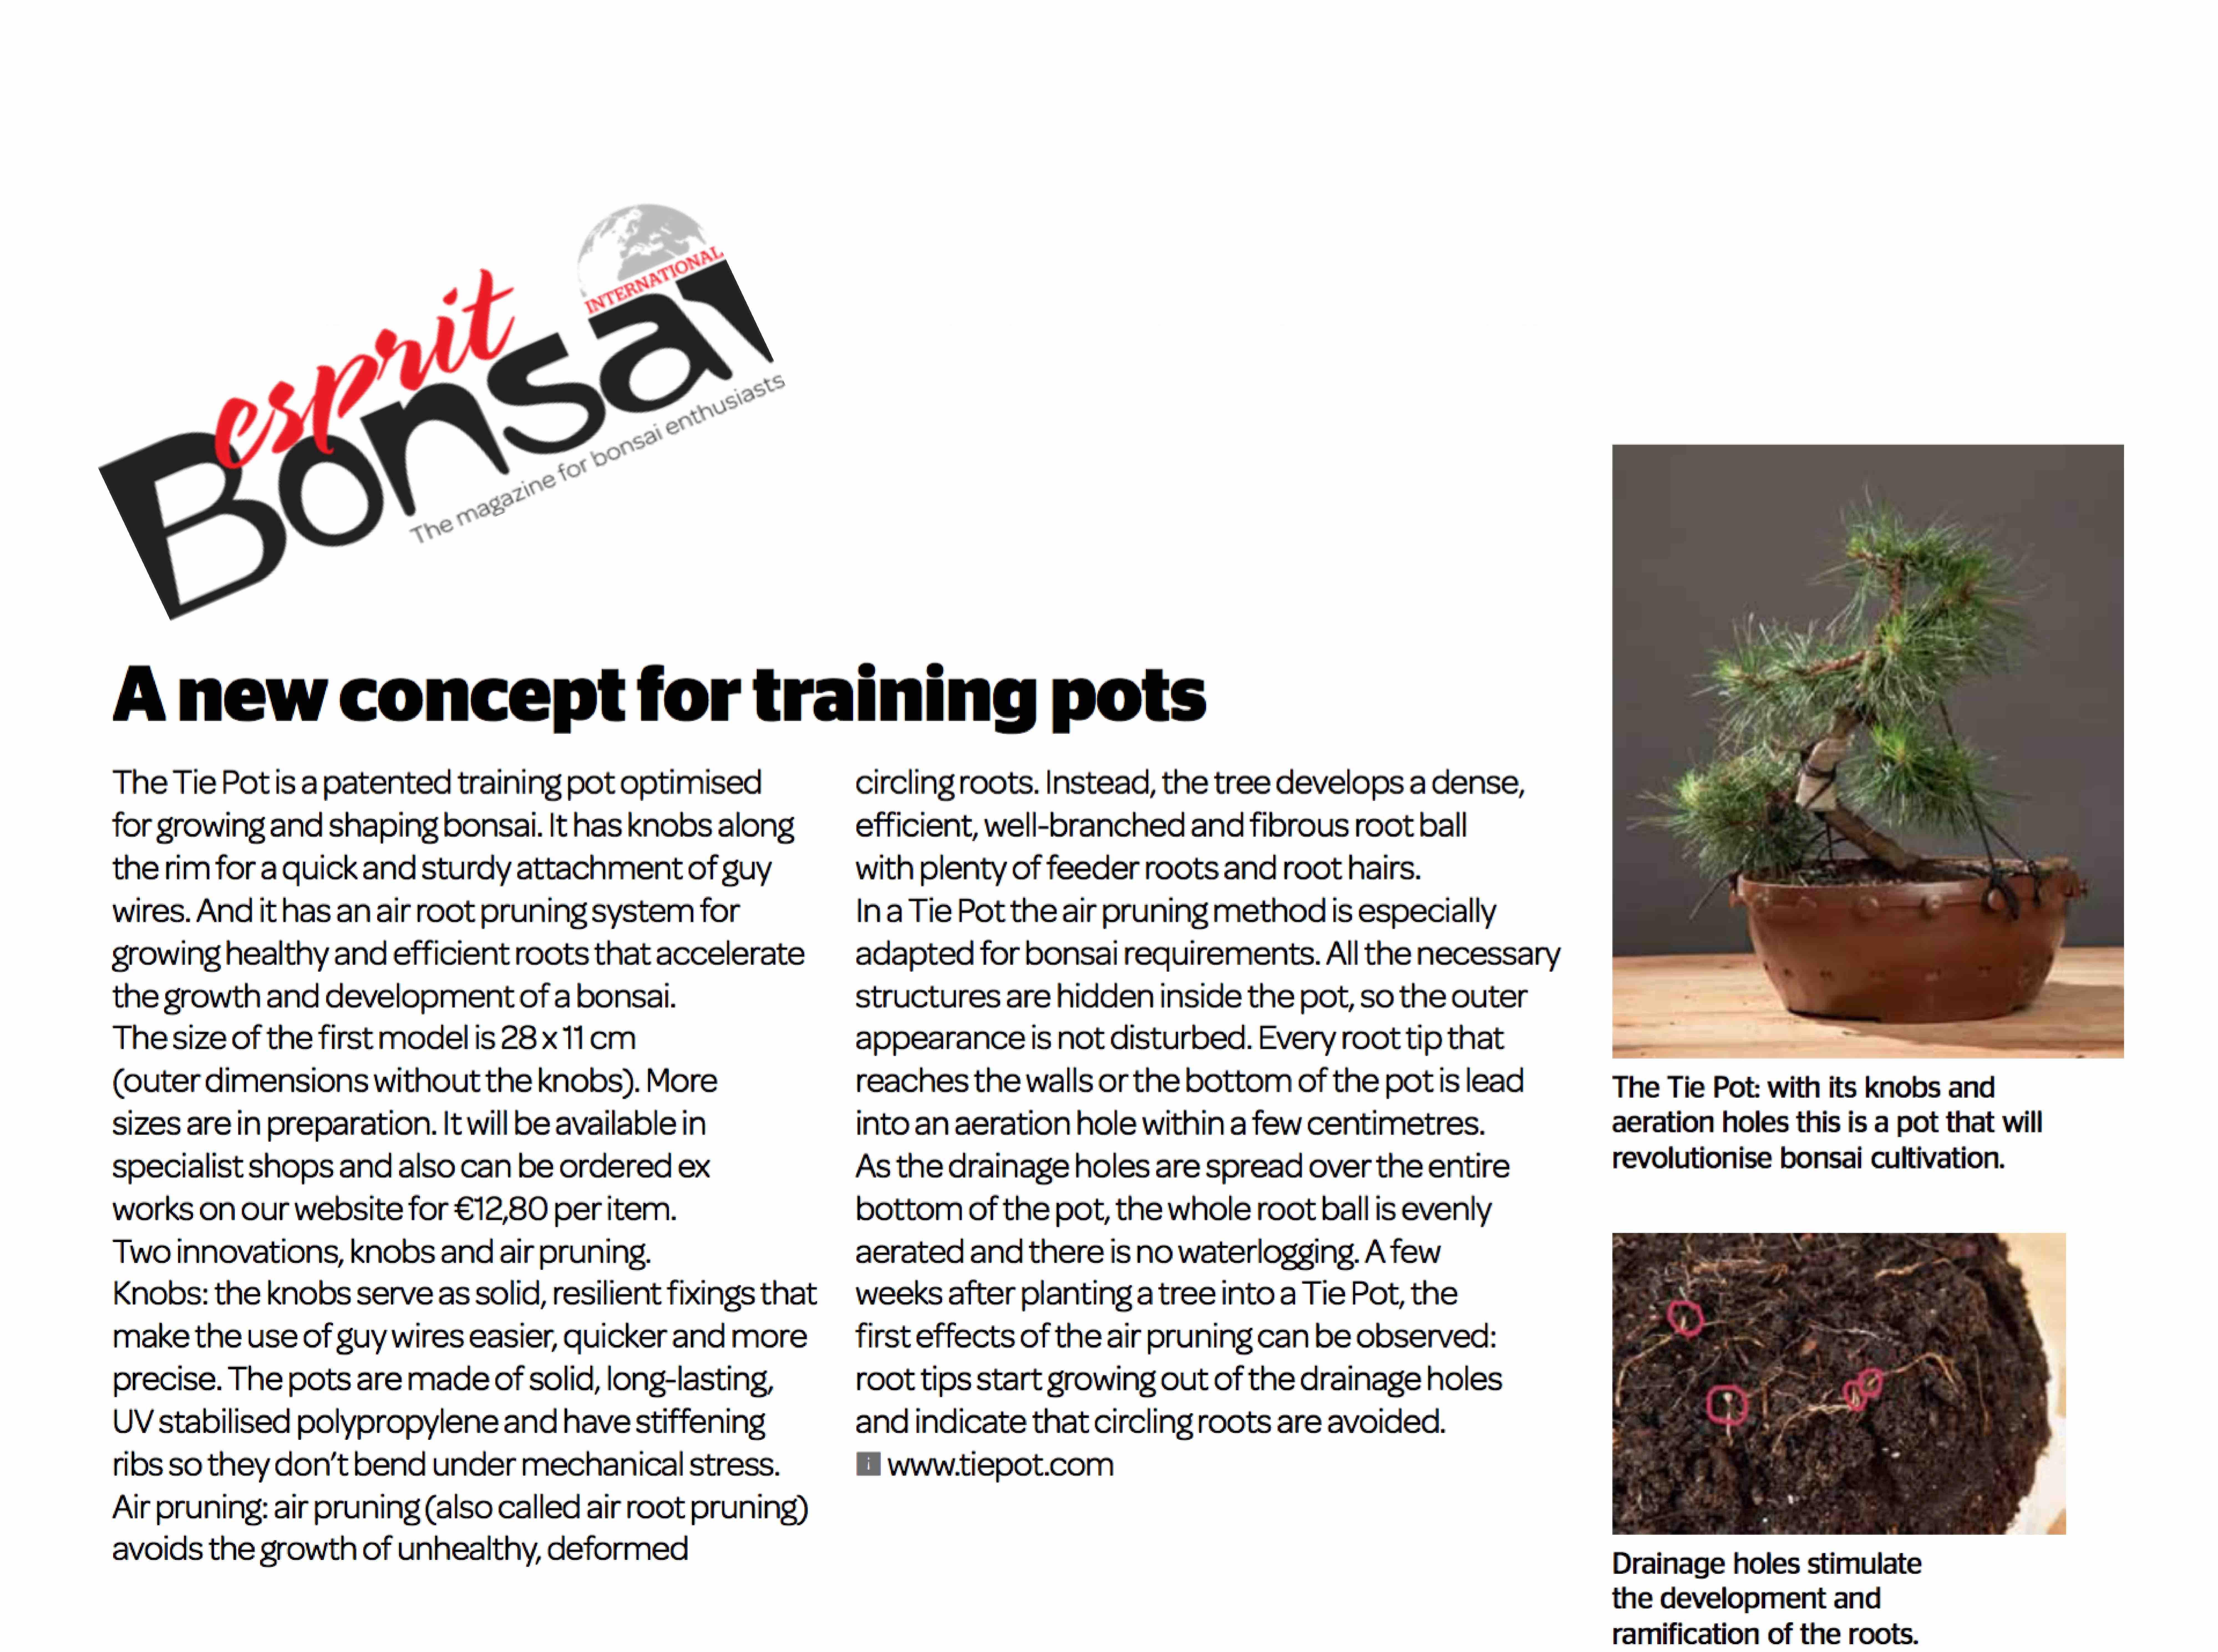 A new concept of traininig pots-2